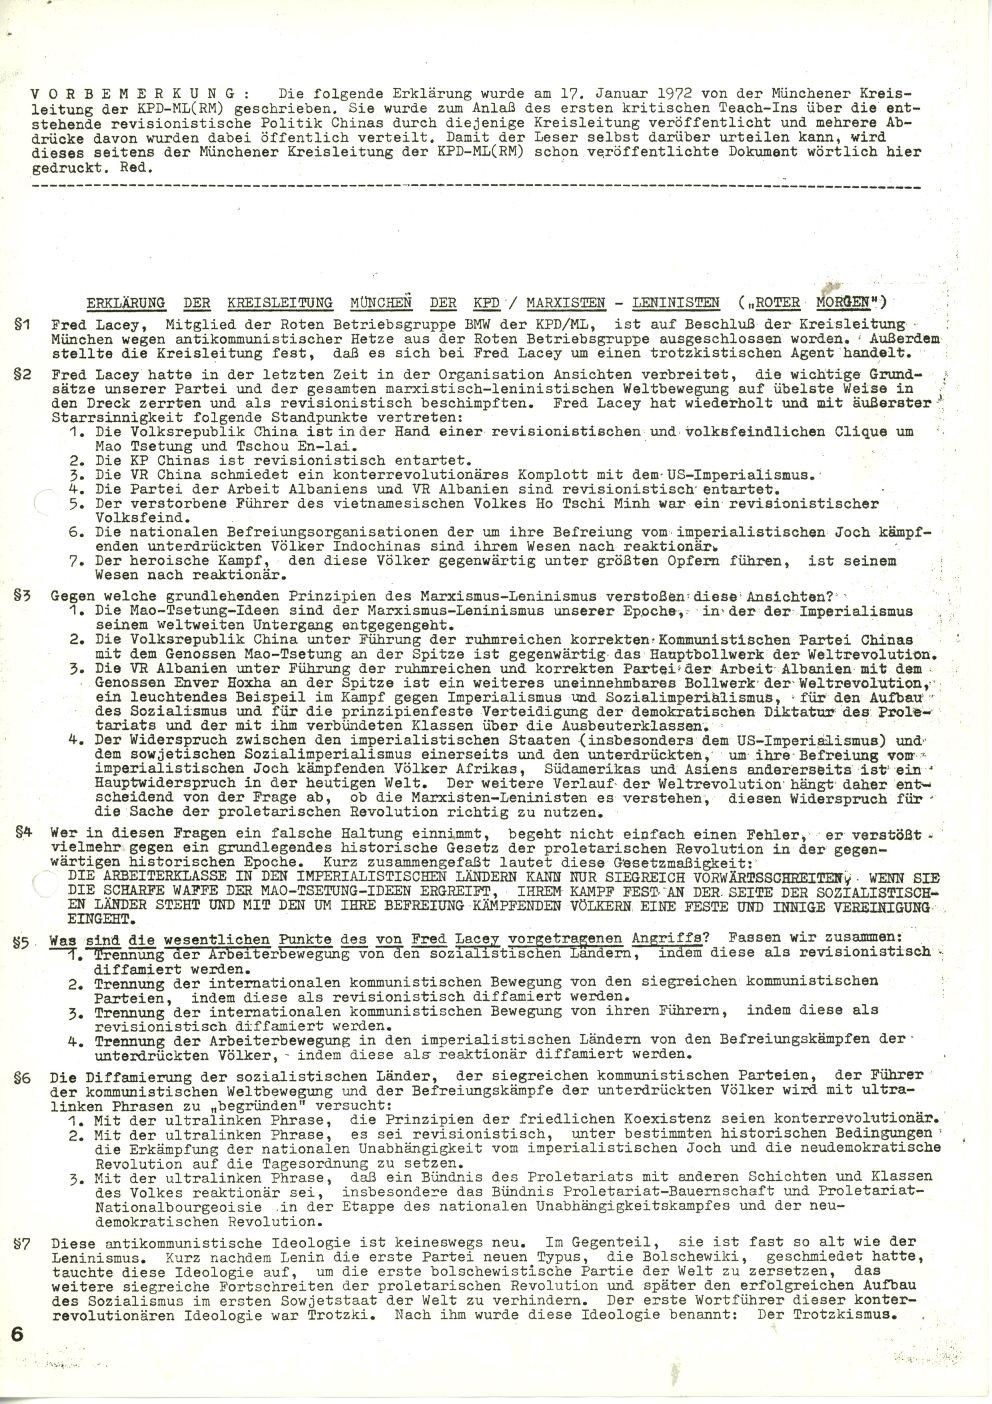 Muenchen_1972_Offener_Brief_an_die_KPDML_06